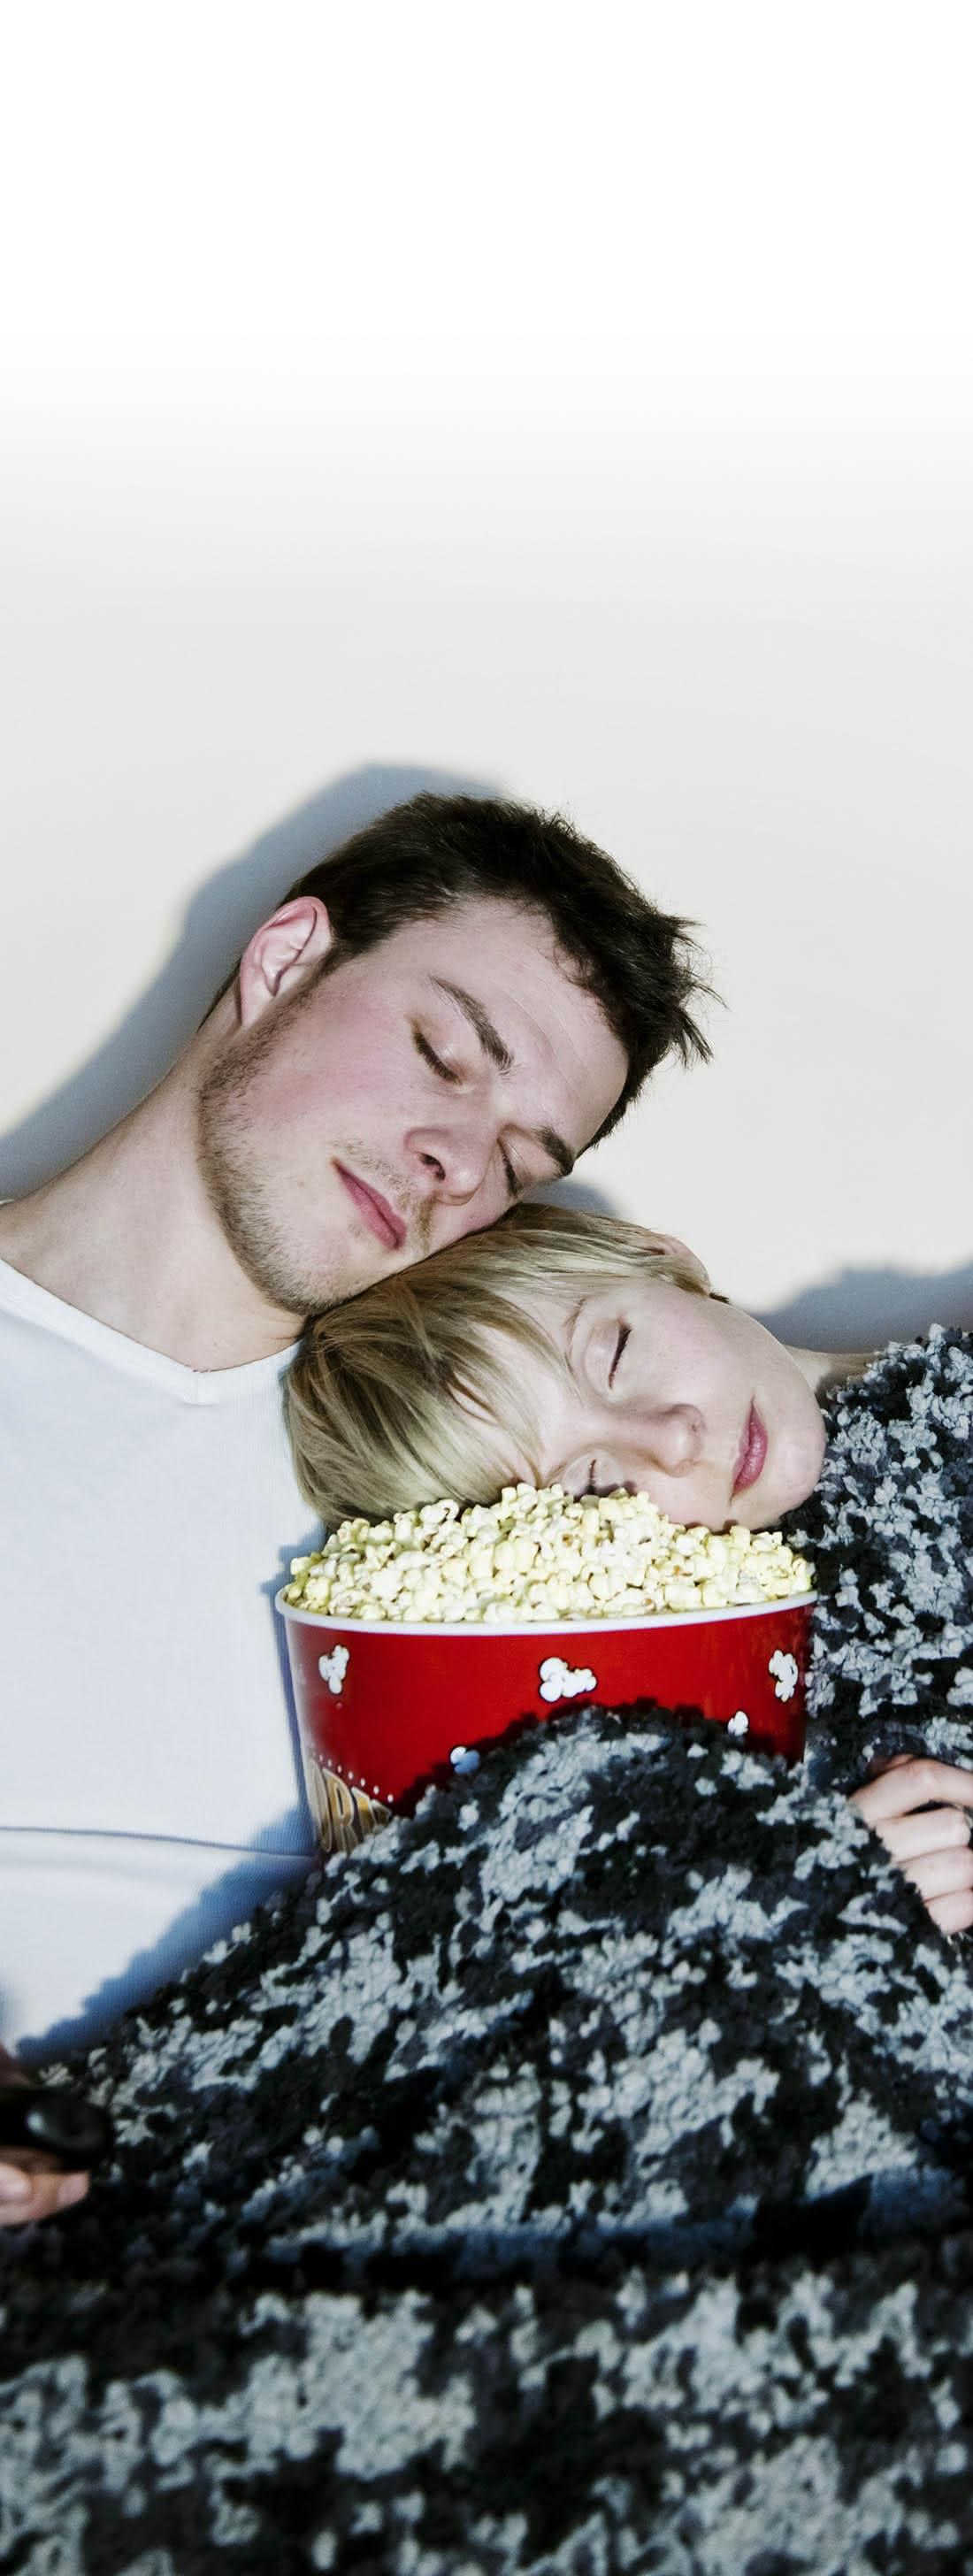 Amores de película o historias románticas de la literatura